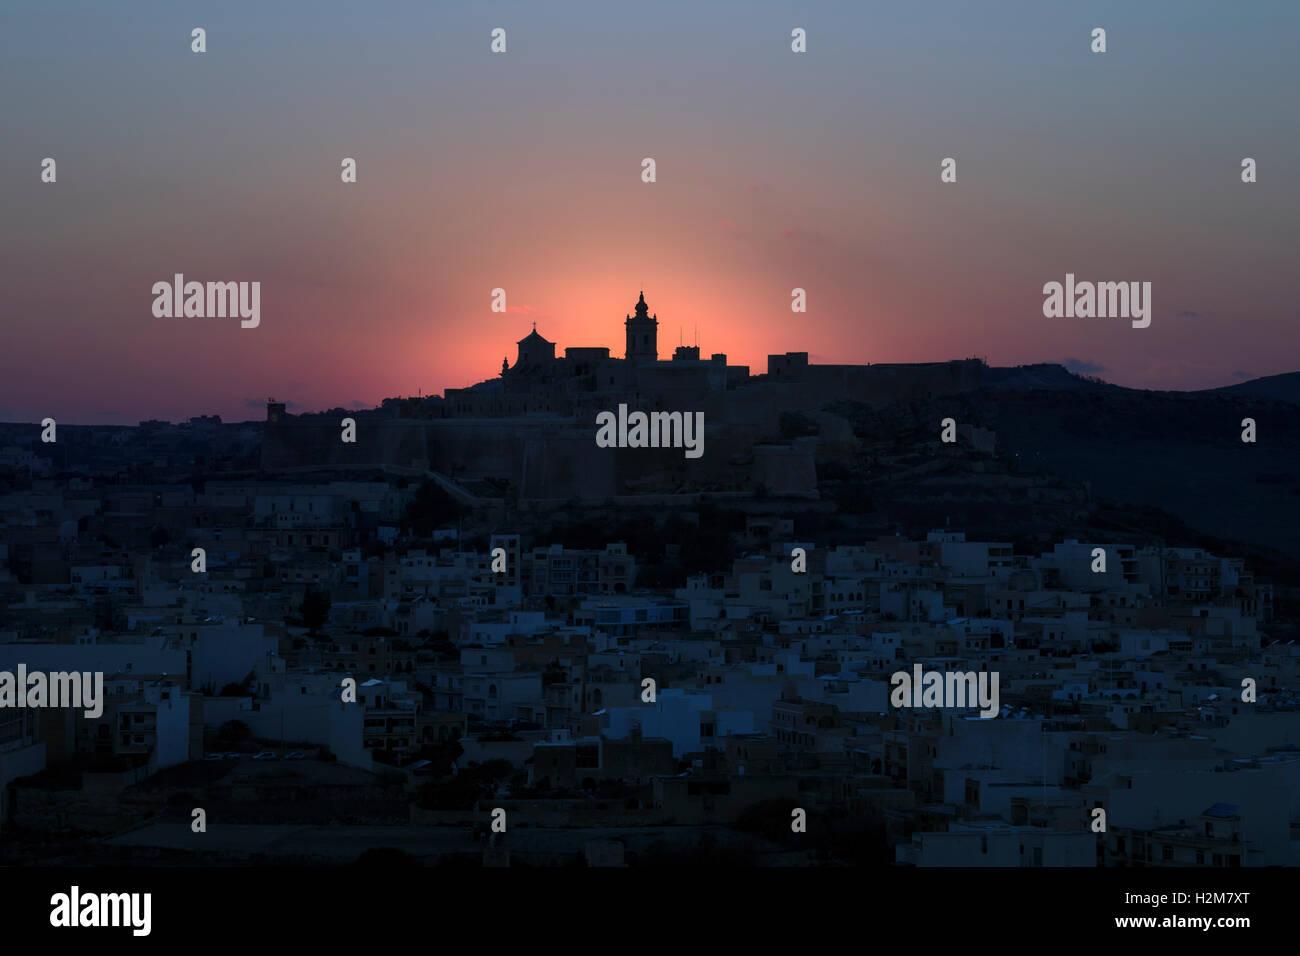 Cattedrale, tramonto, la Cittadella a Victoria, Gozo, Malta Immagini Stock